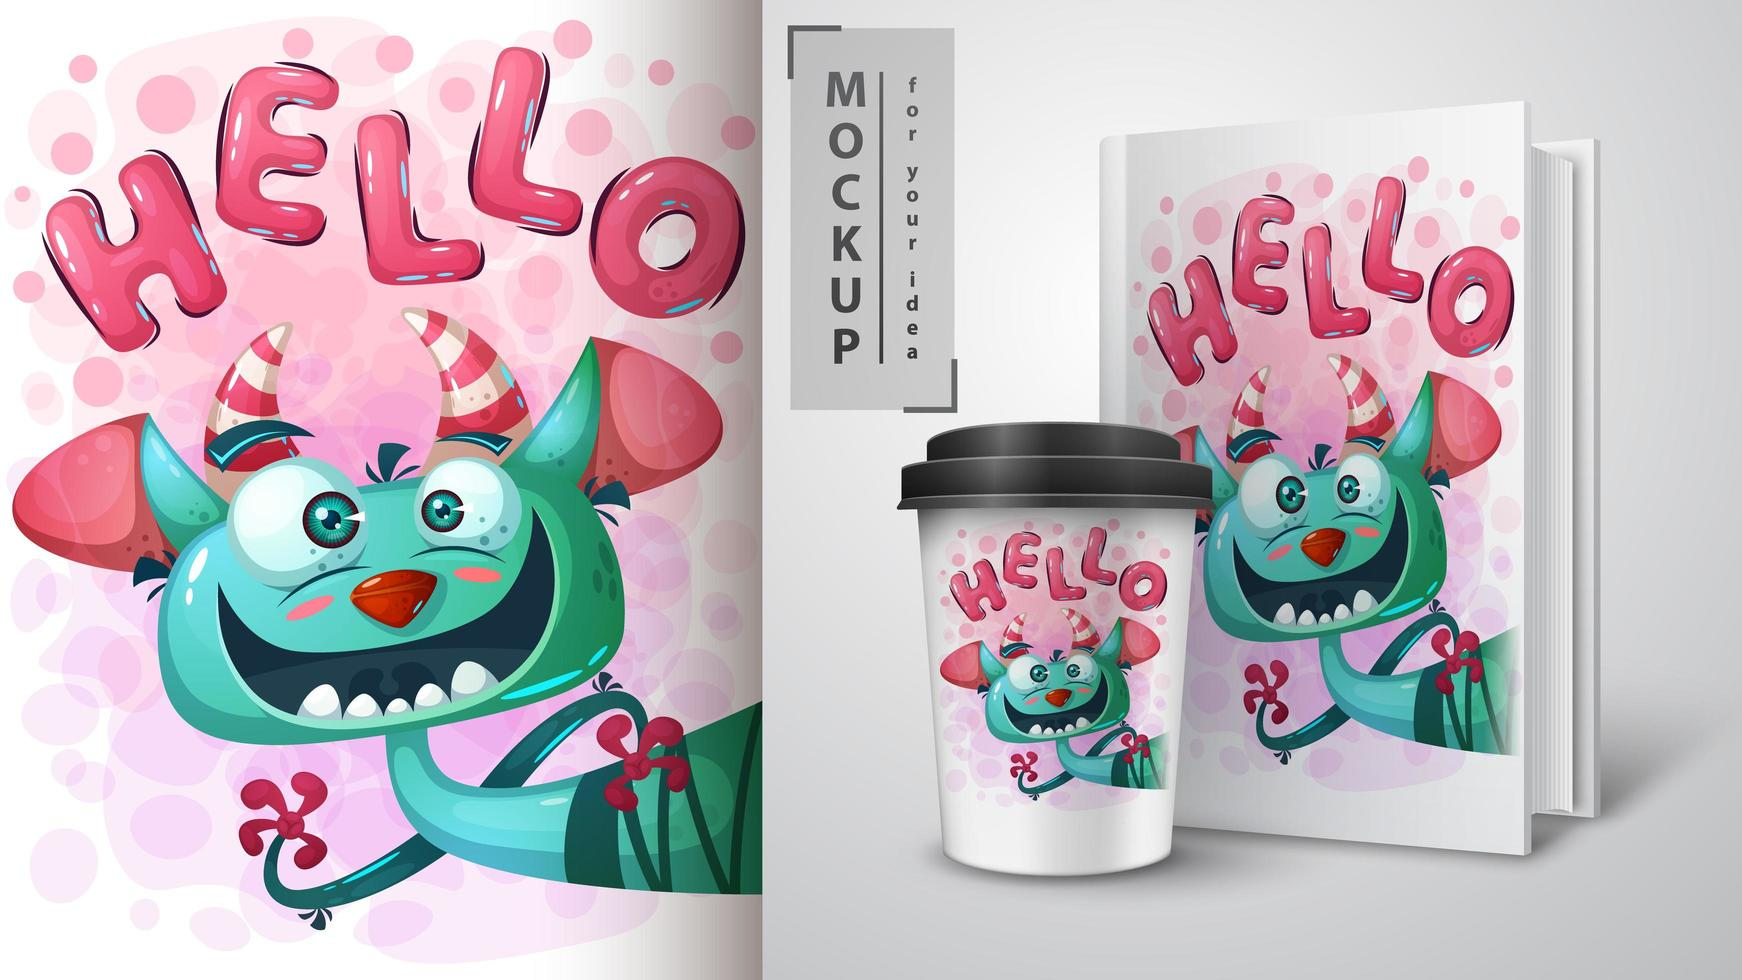 hallo monster poster vector